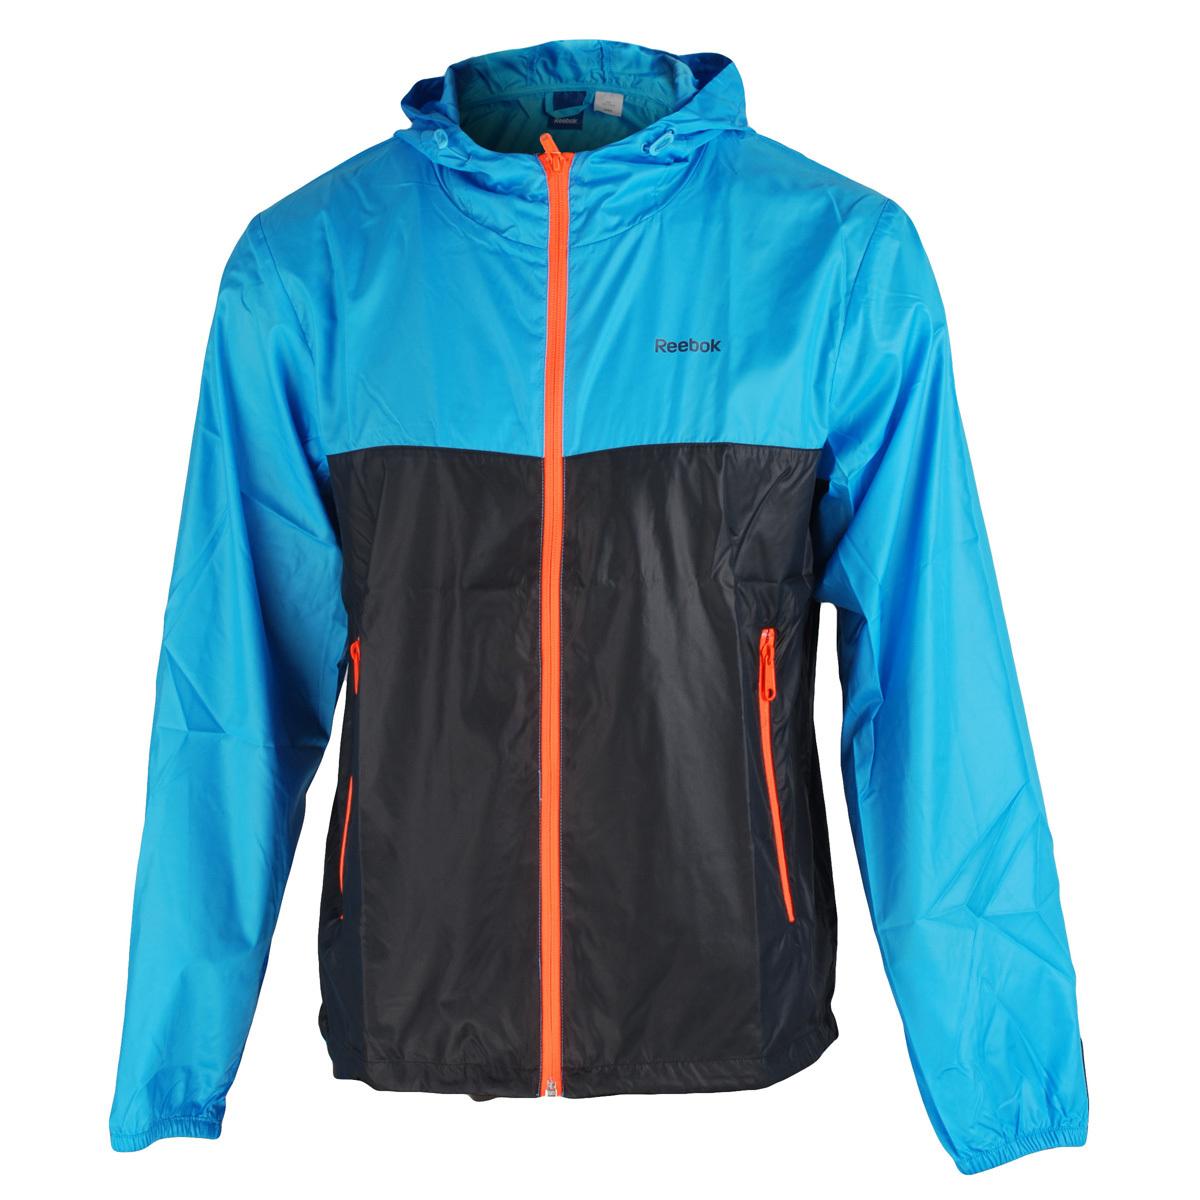 Спортивная куртка Reebok rb7720 K86792 Для мужчин Комплексные тренировки Воздухопроницаемые, Износостойкая, Ультралегкие